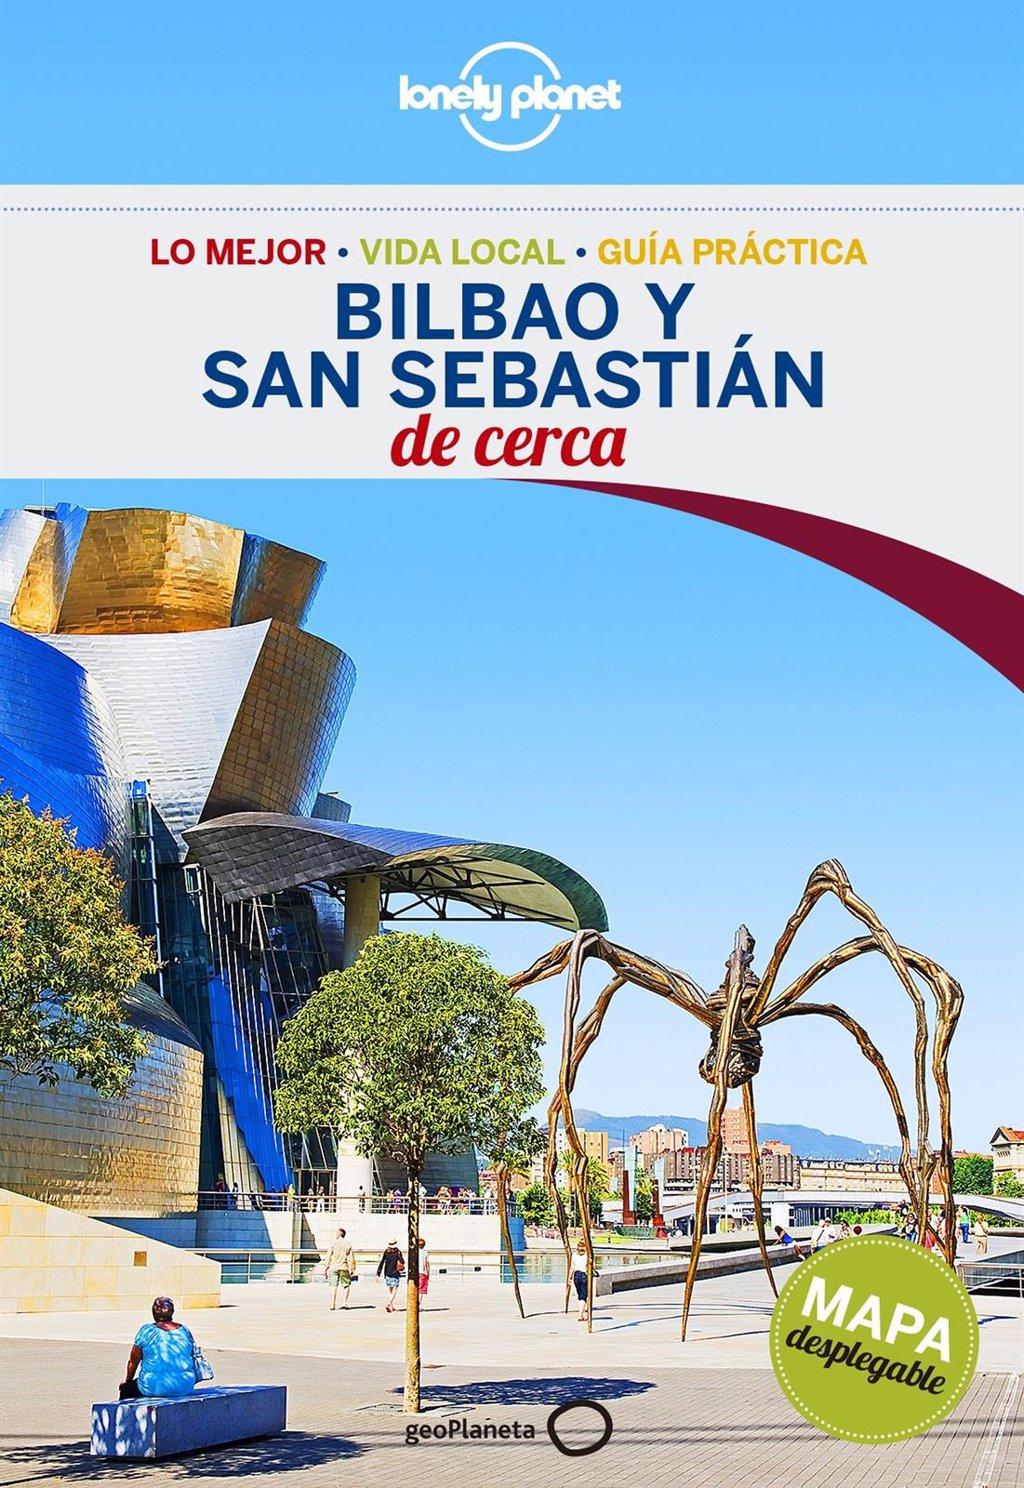 Lonely Planet presenta Bilbao y San Sebastián de cerca